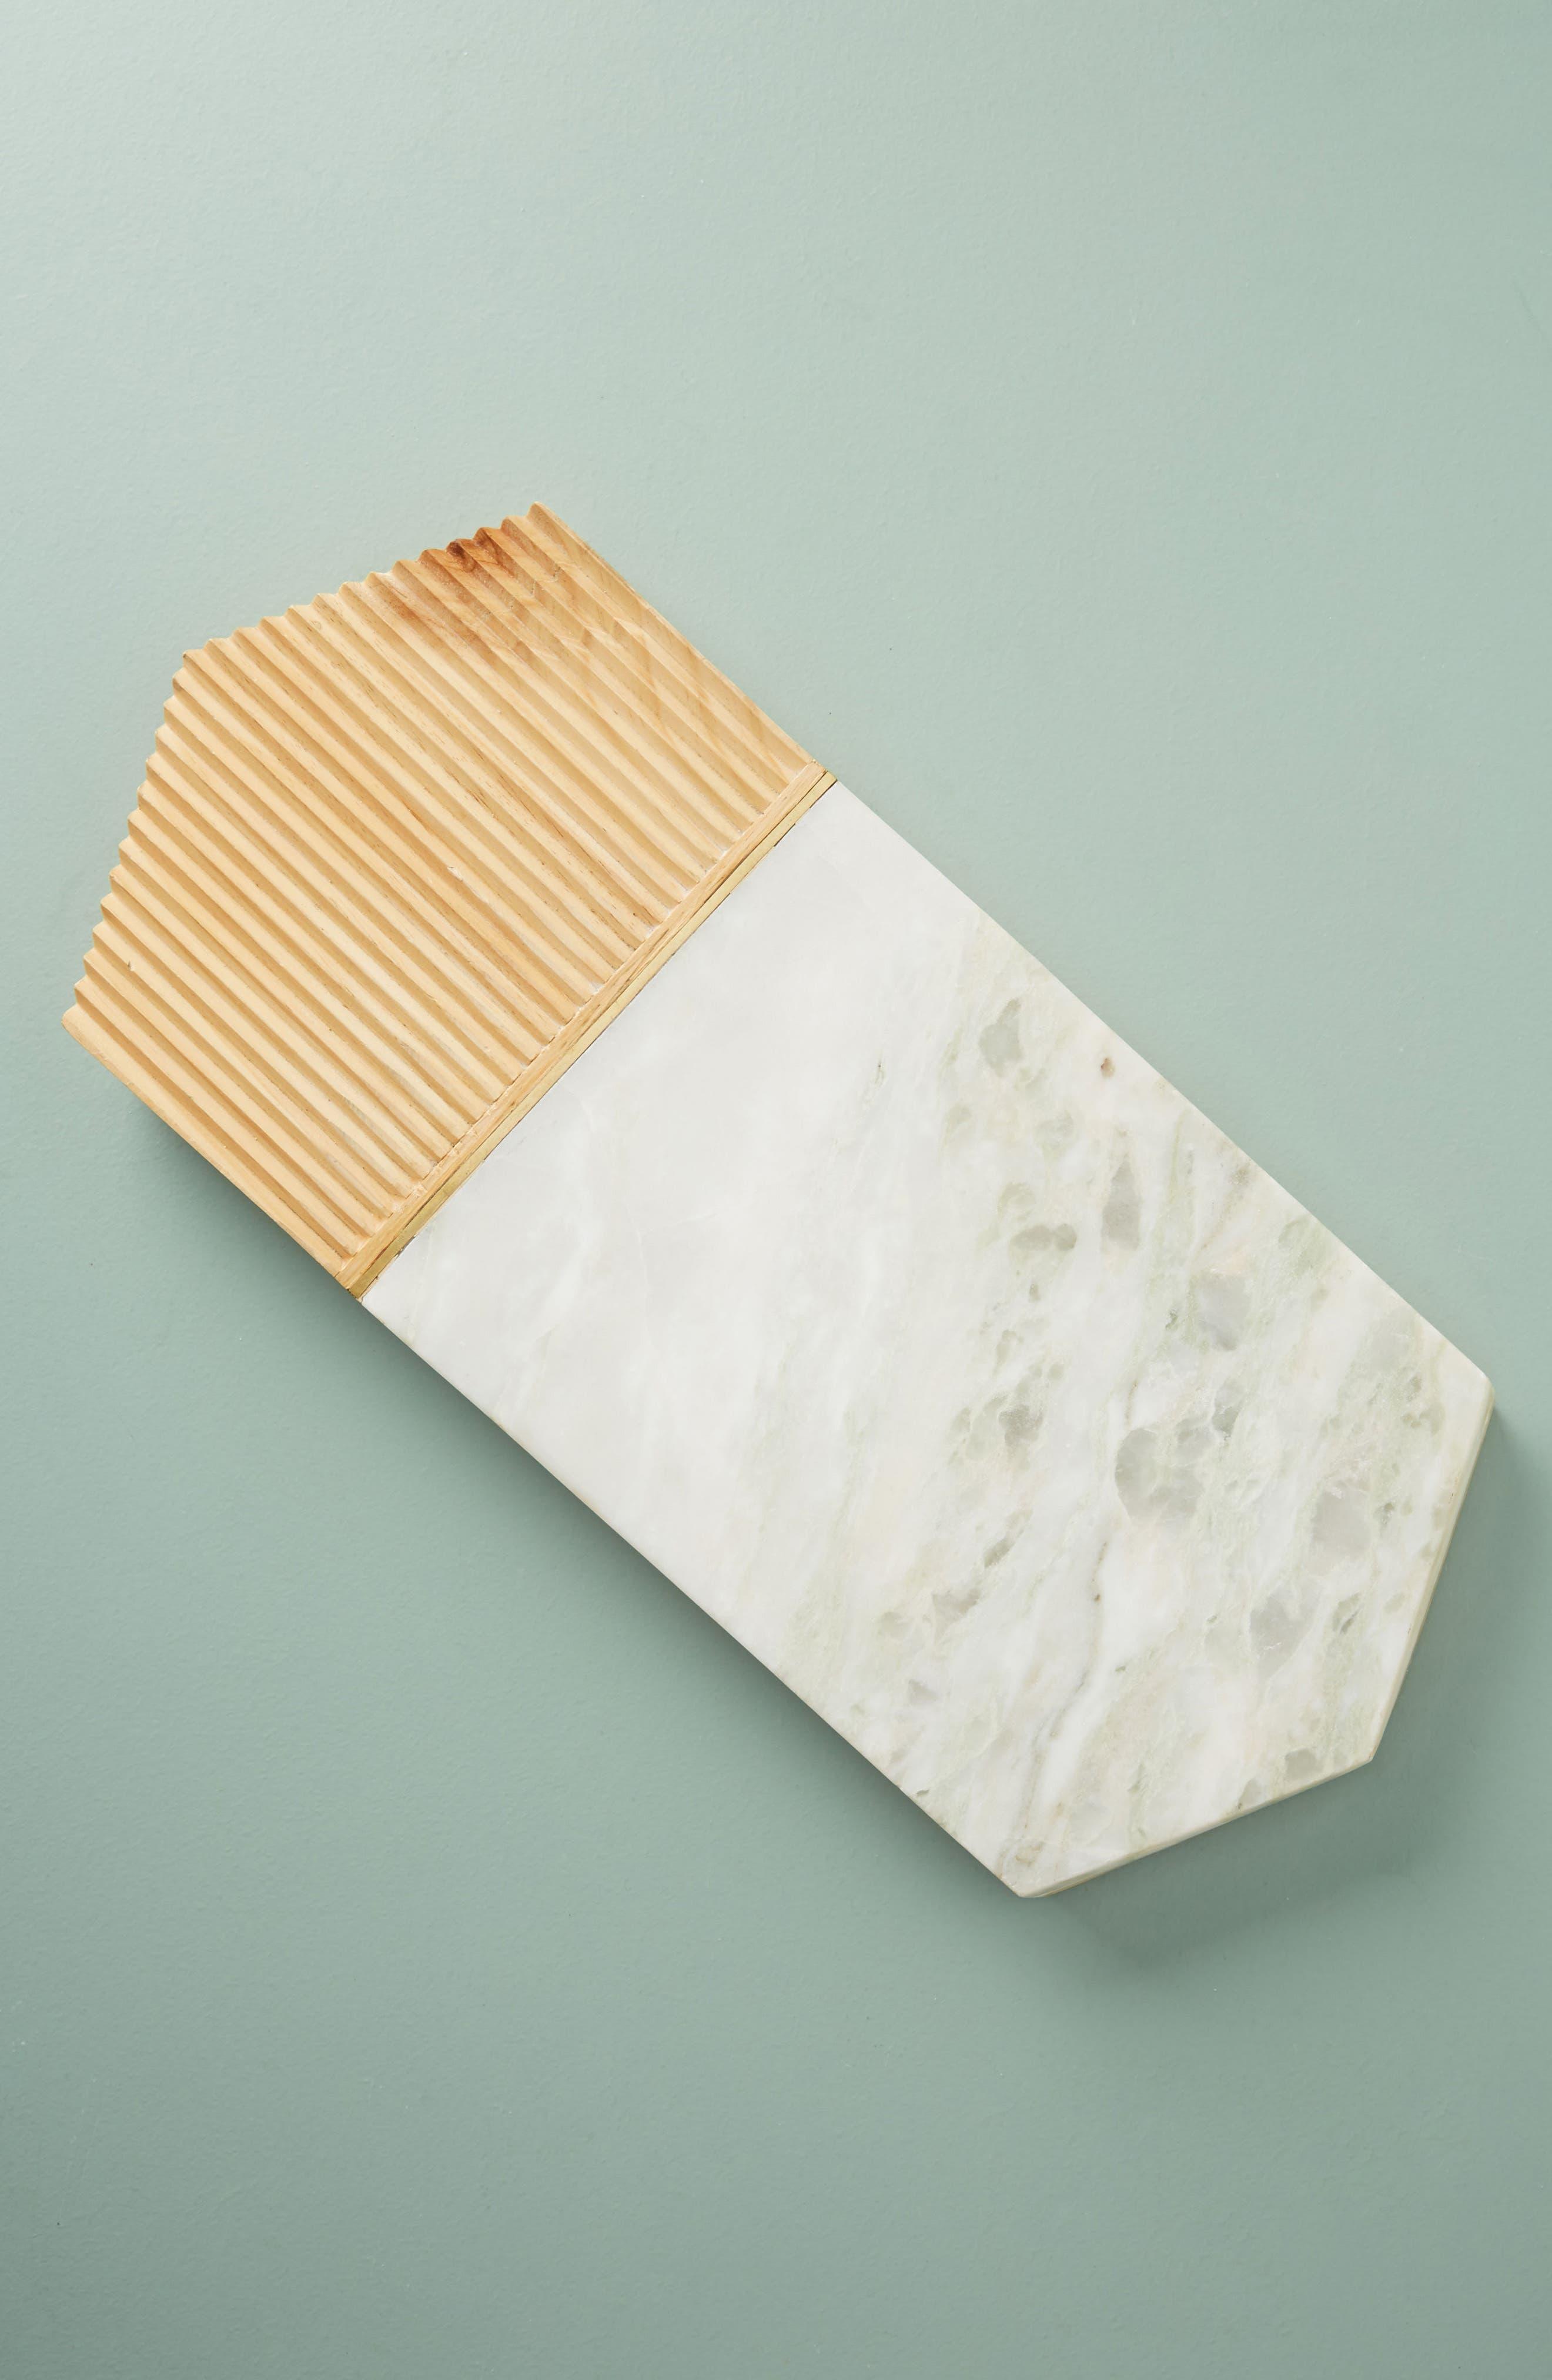 Karala Pinewood & Marble Cheese Board,                             Main thumbnail 1, color,                             100